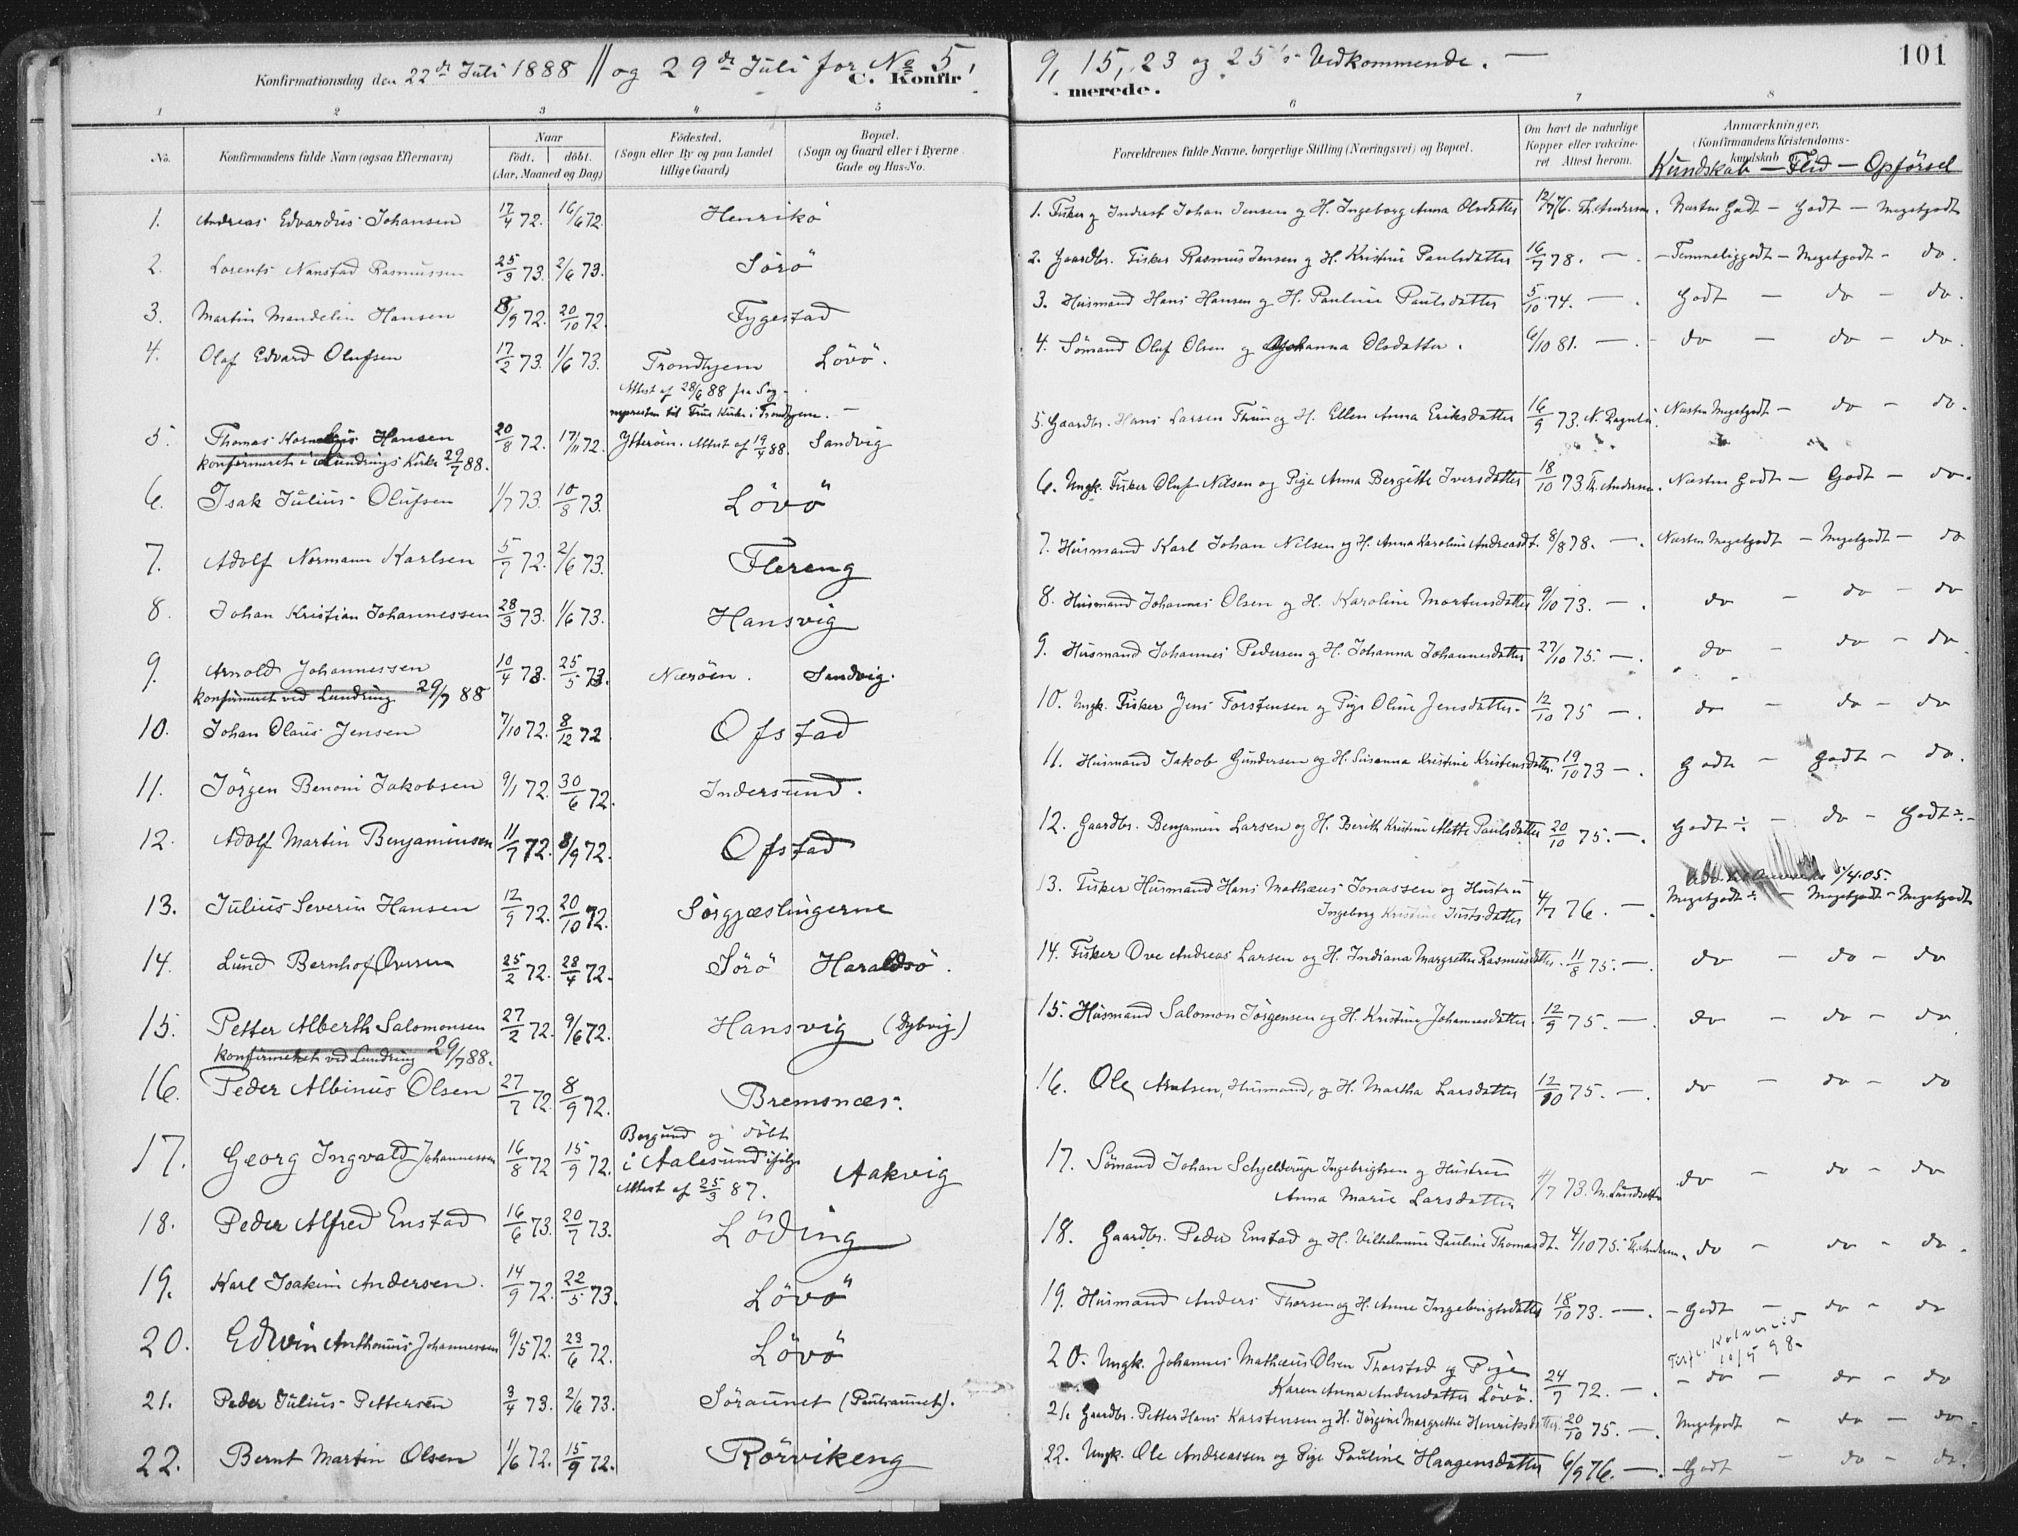 SAT, Ministerialprotokoller, klokkerbøker og fødselsregistre - Nord-Trøndelag, 786/L0687: Ministerialbok nr. 786A03, 1888-1898, s. 101